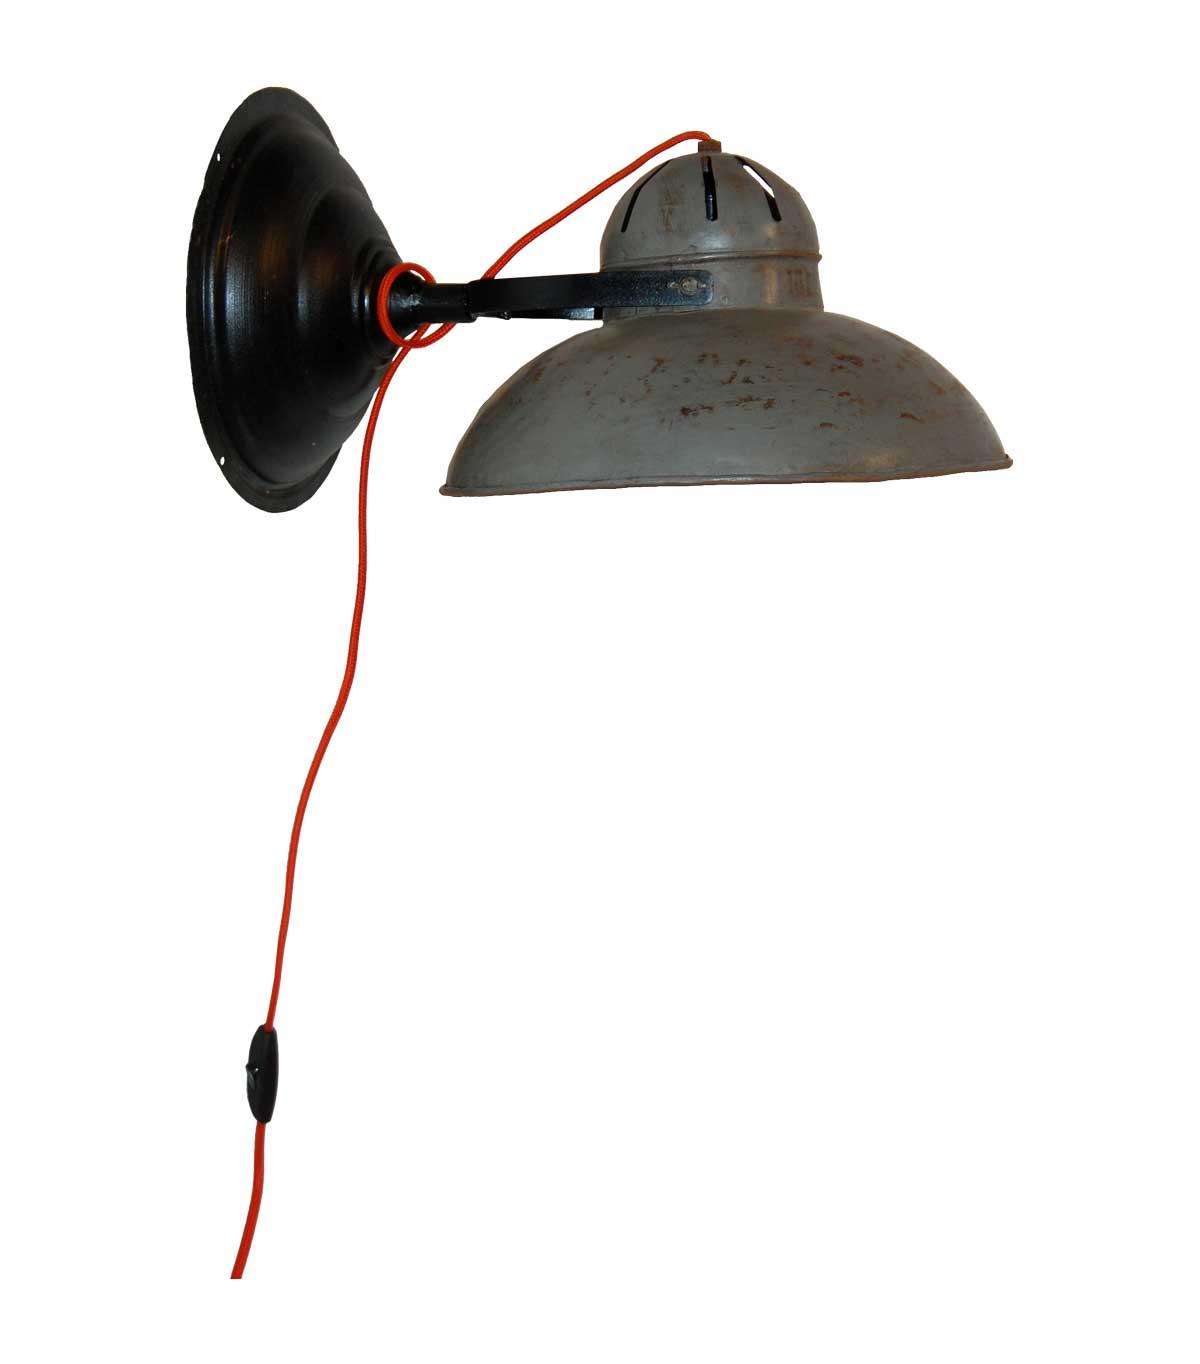 Billede af TRADEMARK LIVING Væglampe i jern - grå og sort